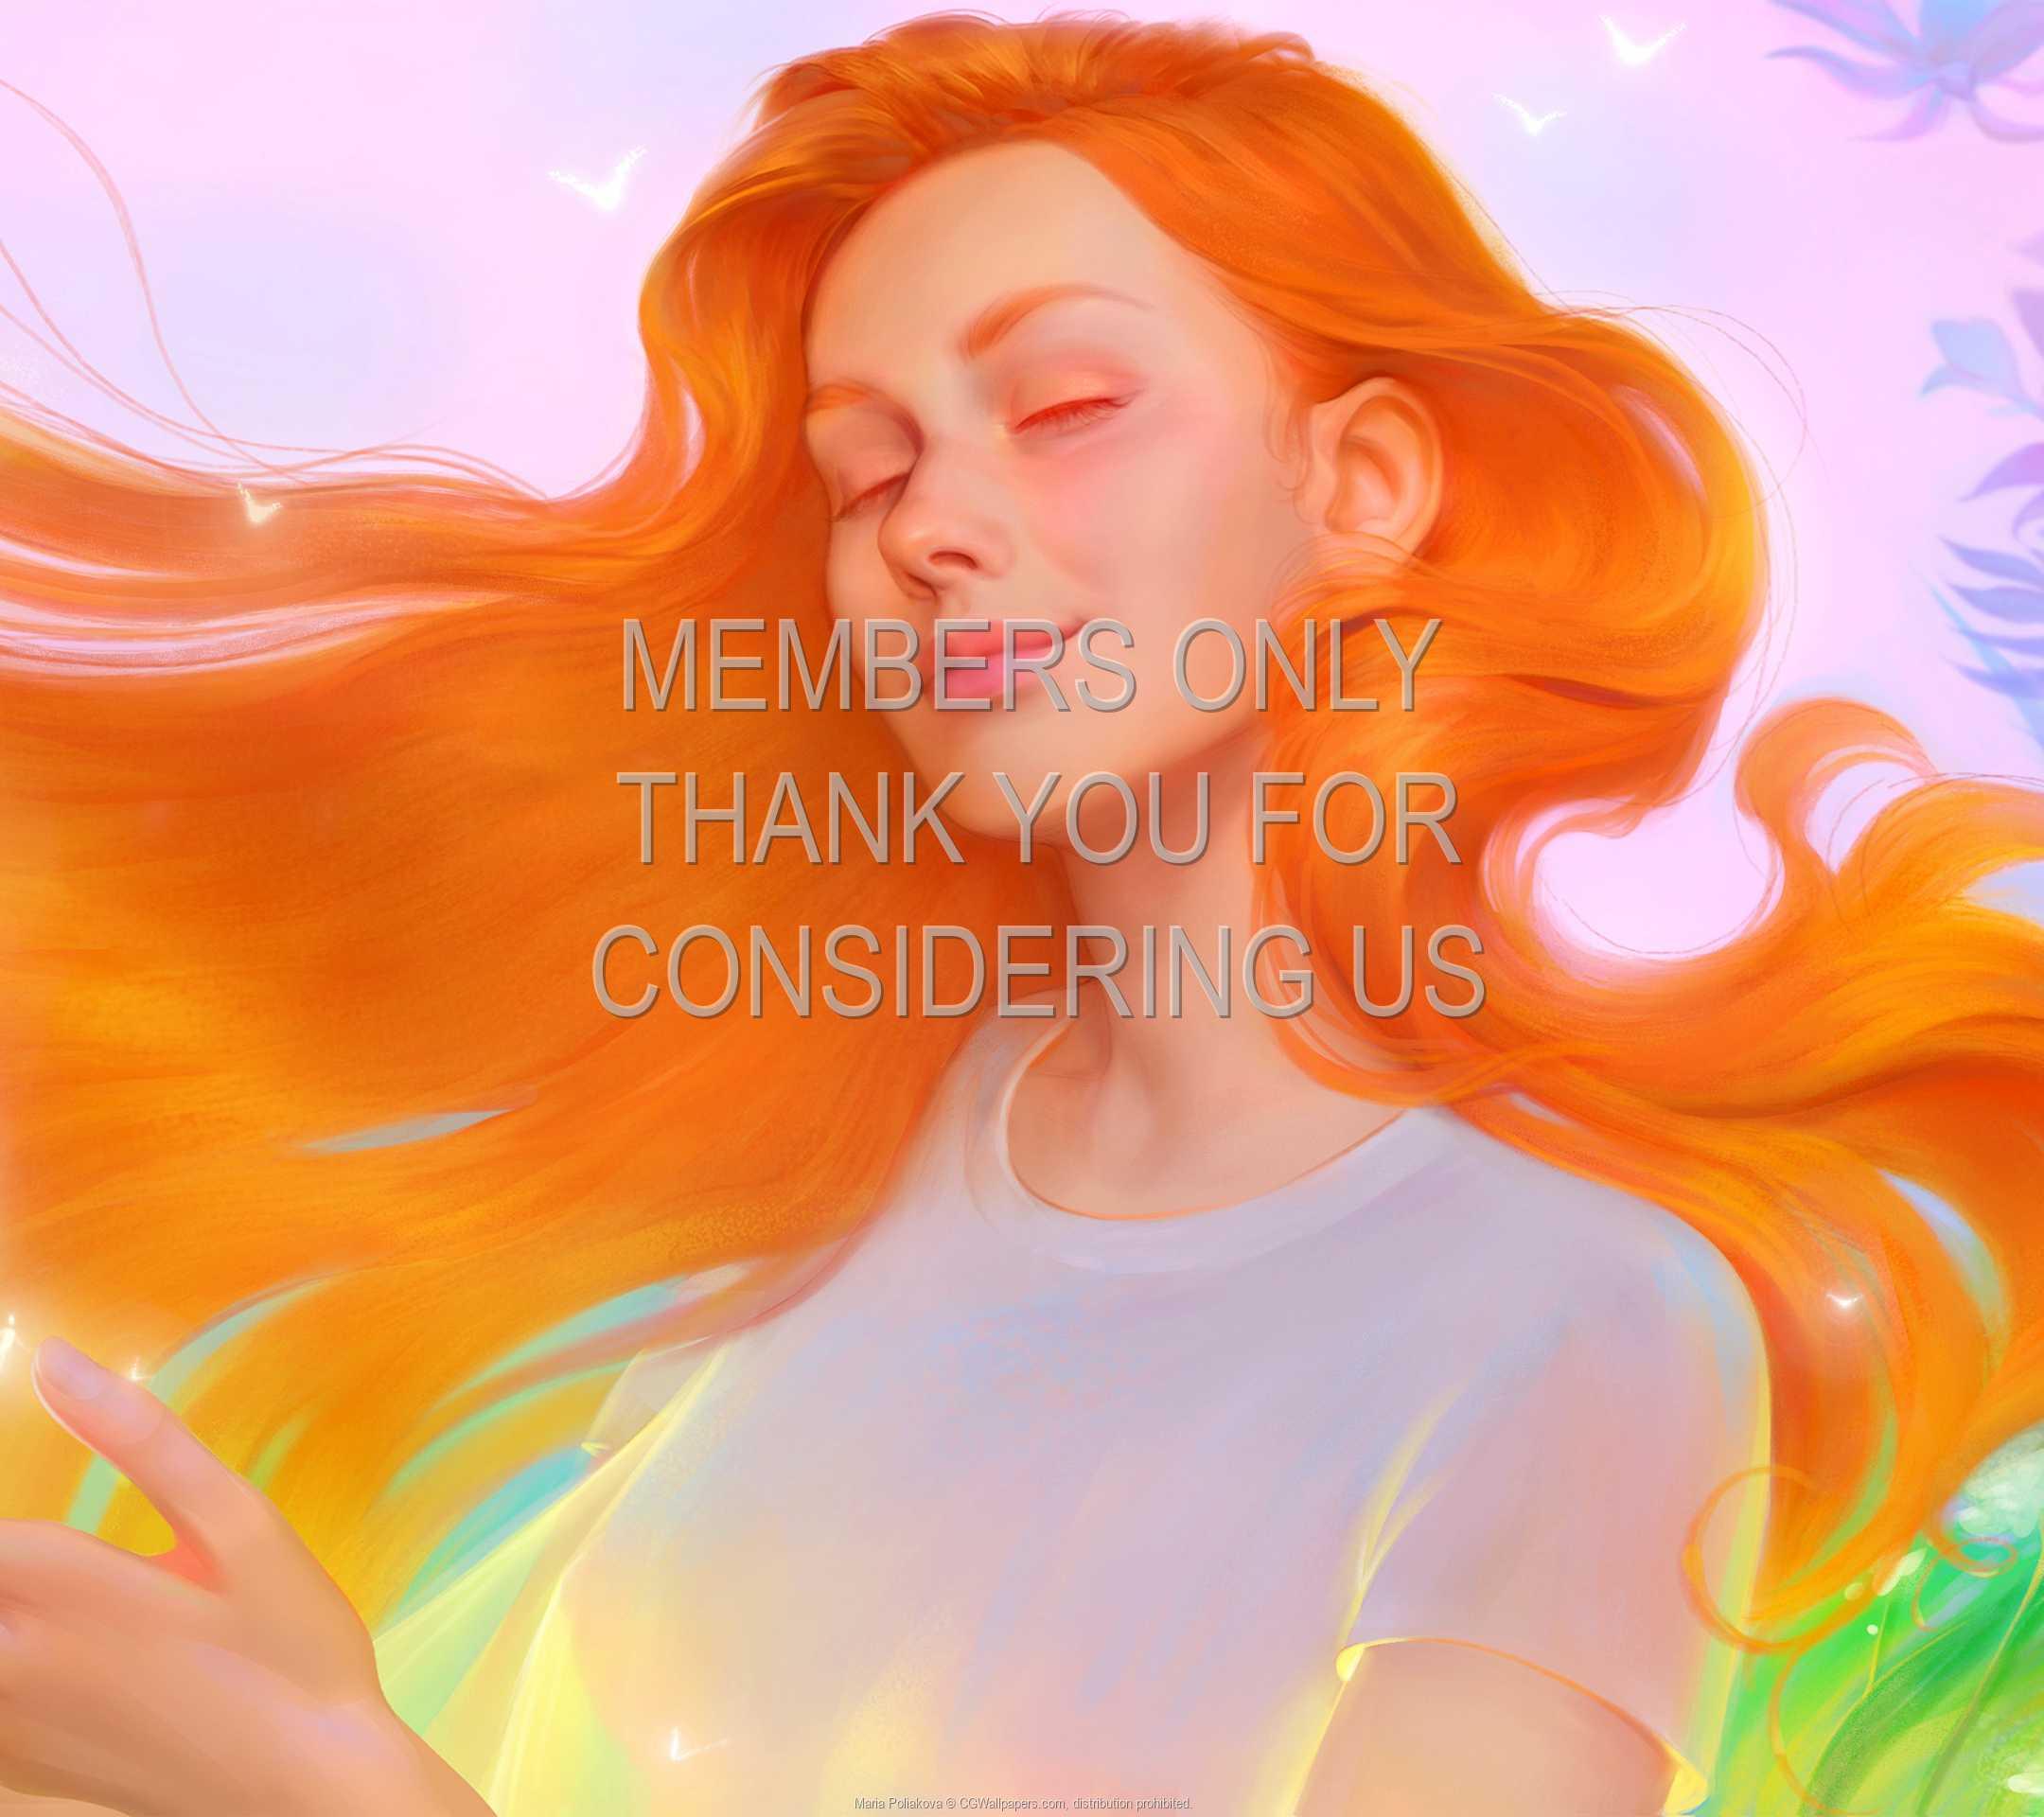 Maria Poliakova 1080p Horizontal Mobiele achtergrond 03